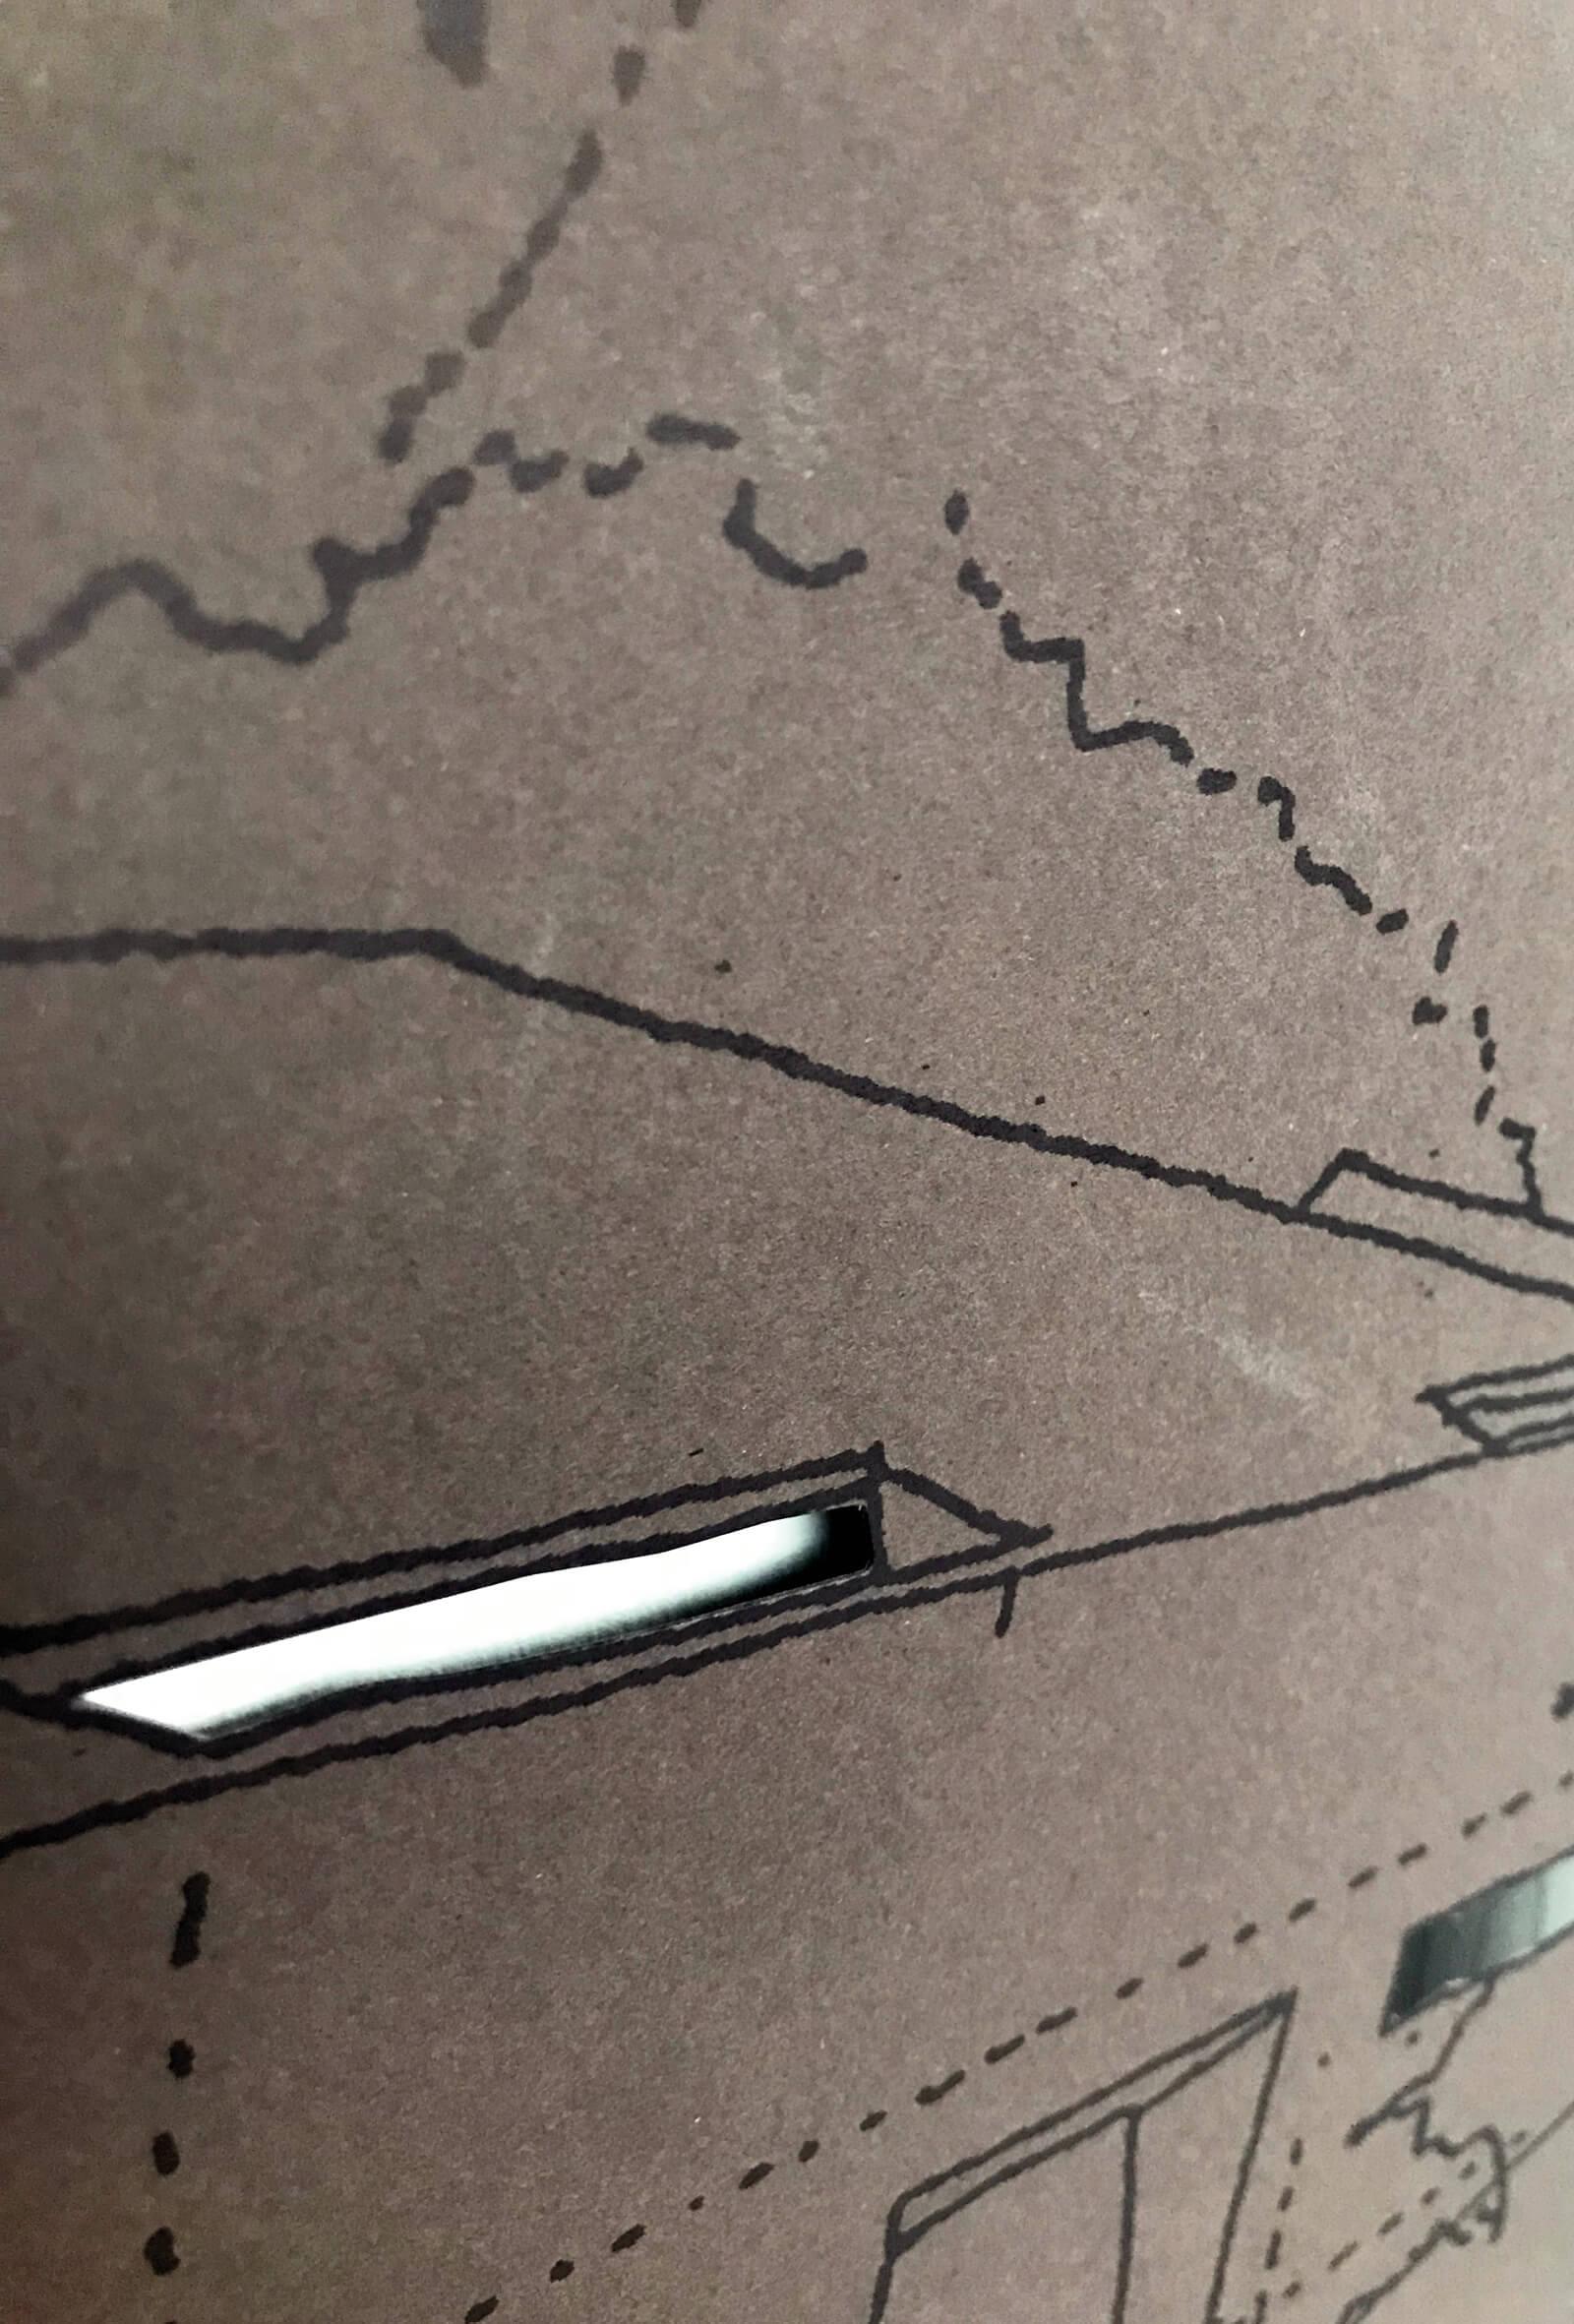 dettaglio fustella di copertina e pagine interne brochure per progetto architettura, illustrazioni diadestudio arco di trento